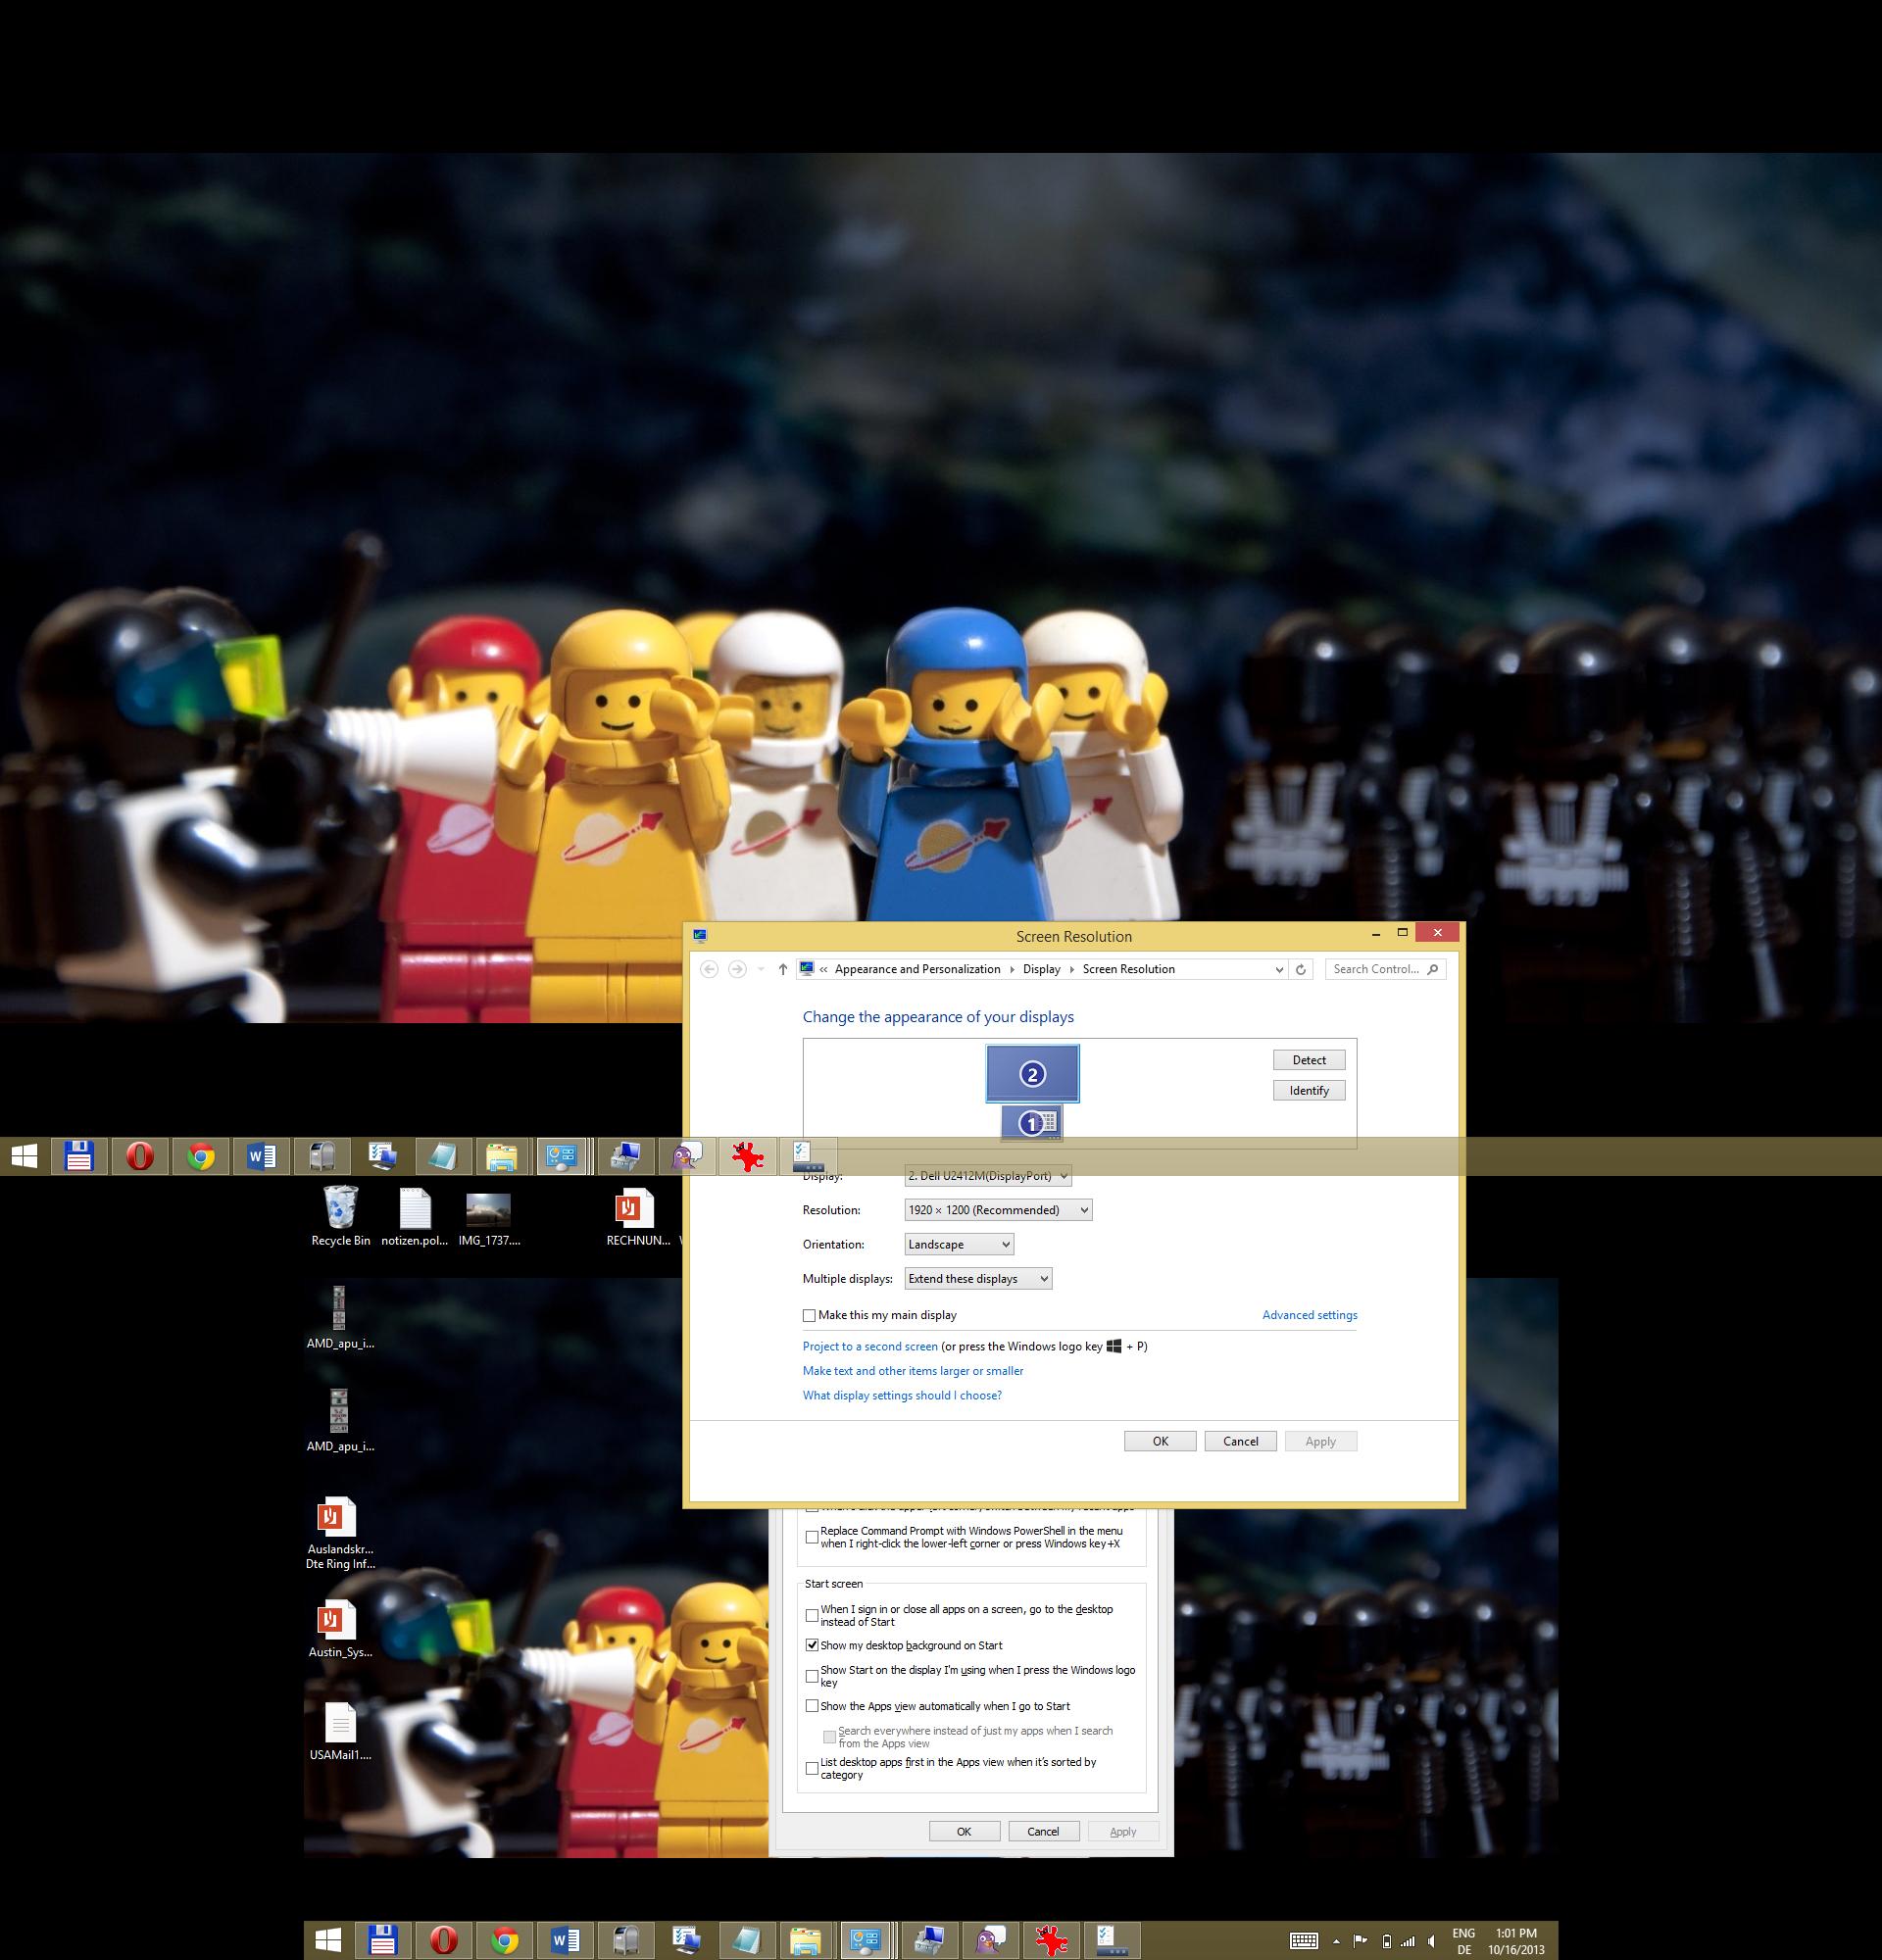 Windows 8.1 im Test: Nicht mehr die Suche suchen - Multimonitorbetrieb mit 1.920 x 1.200 sowie 1.280 x 800 Pixeln. (Screenshot: Golem.de)